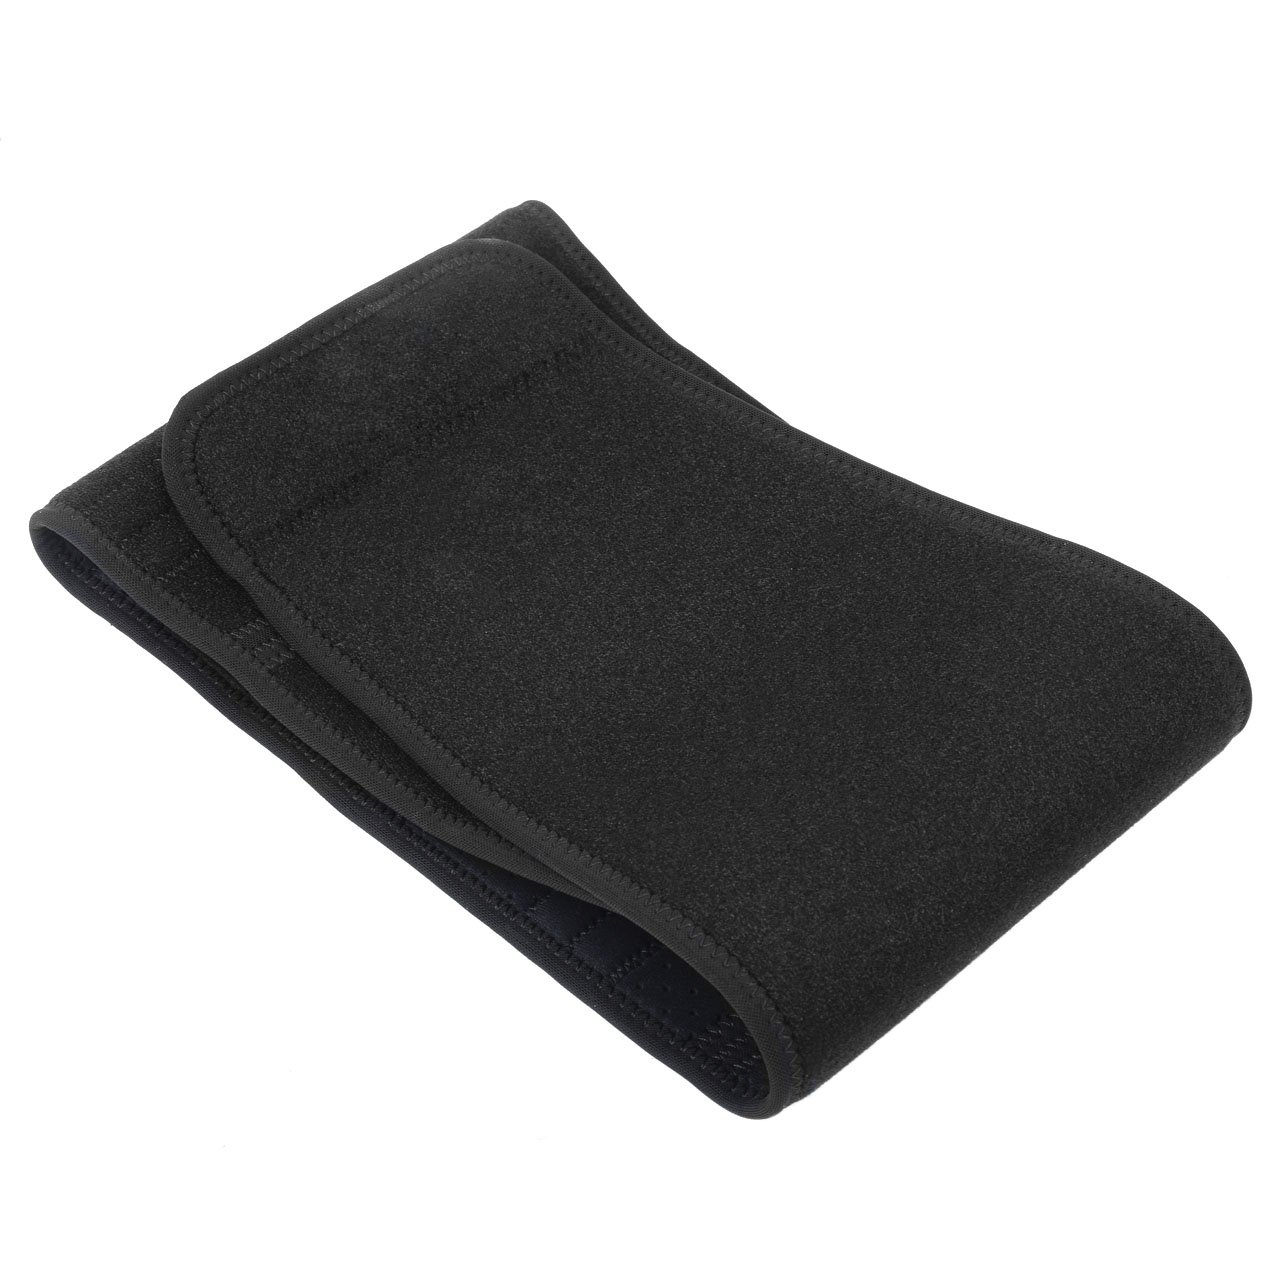 eyourlife ceinture de sudation ceinture abdominale de sudation ceinture aminciss ebay. Black Bedroom Furniture Sets. Home Design Ideas